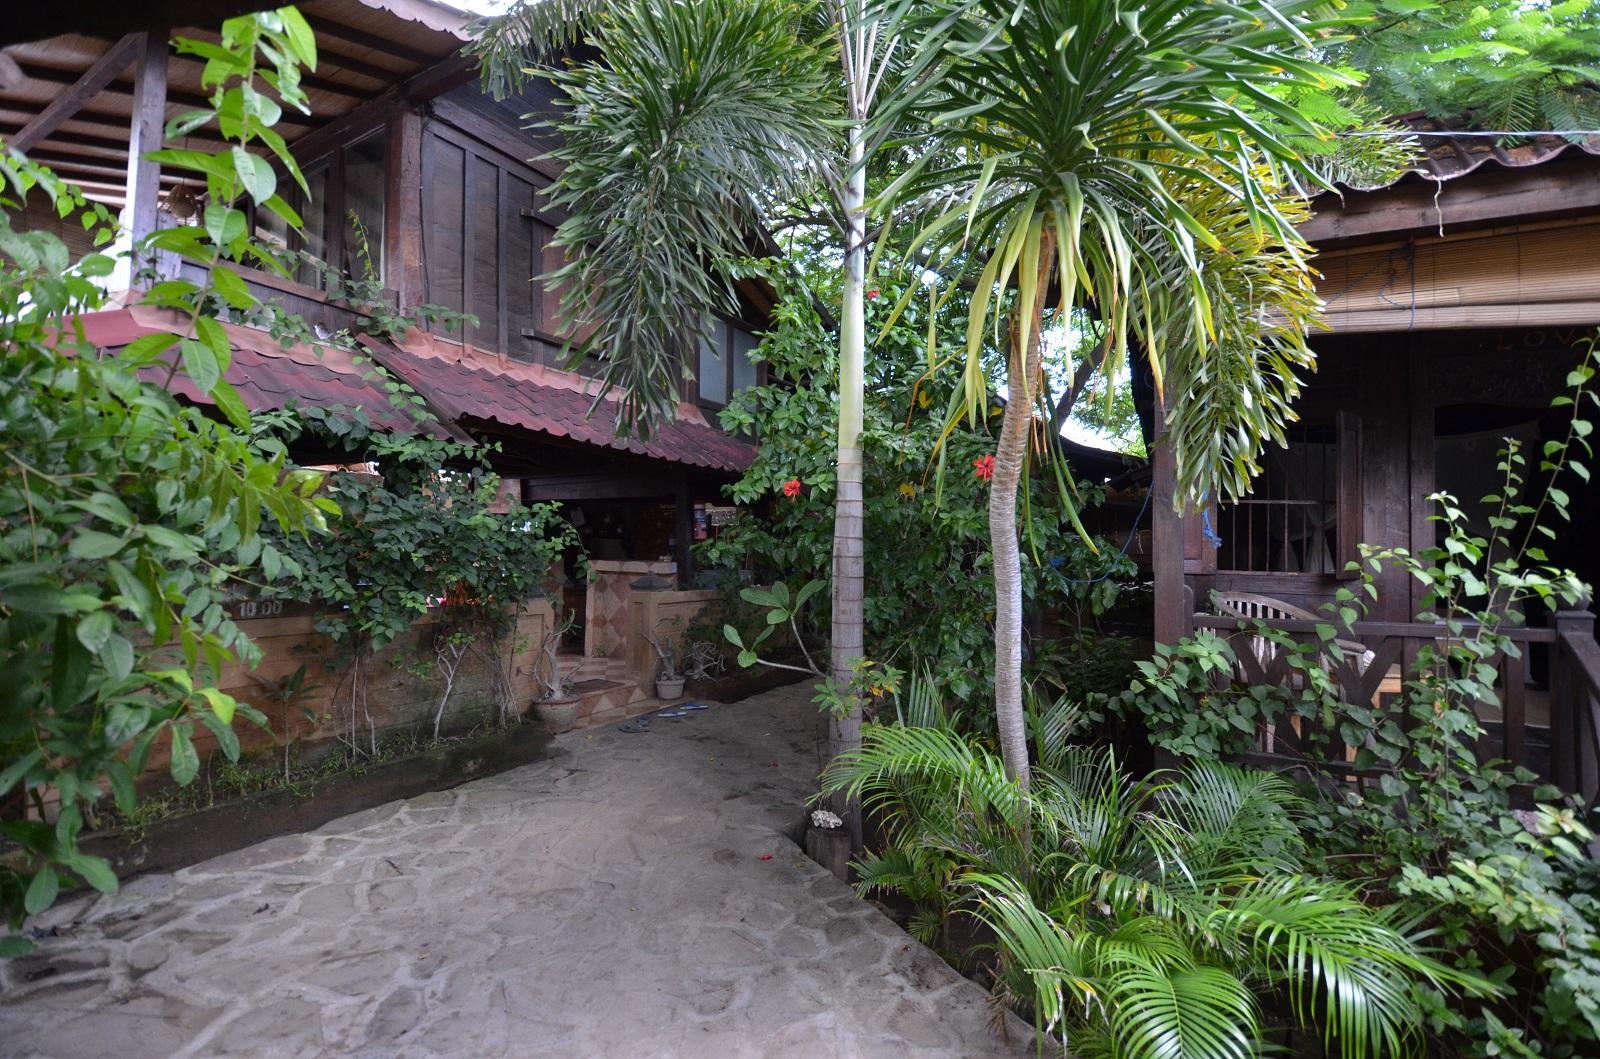 【バリ島安宿】ホテル予約サイトを使う時の注意点:agoda・Booking.com・Hotels.com